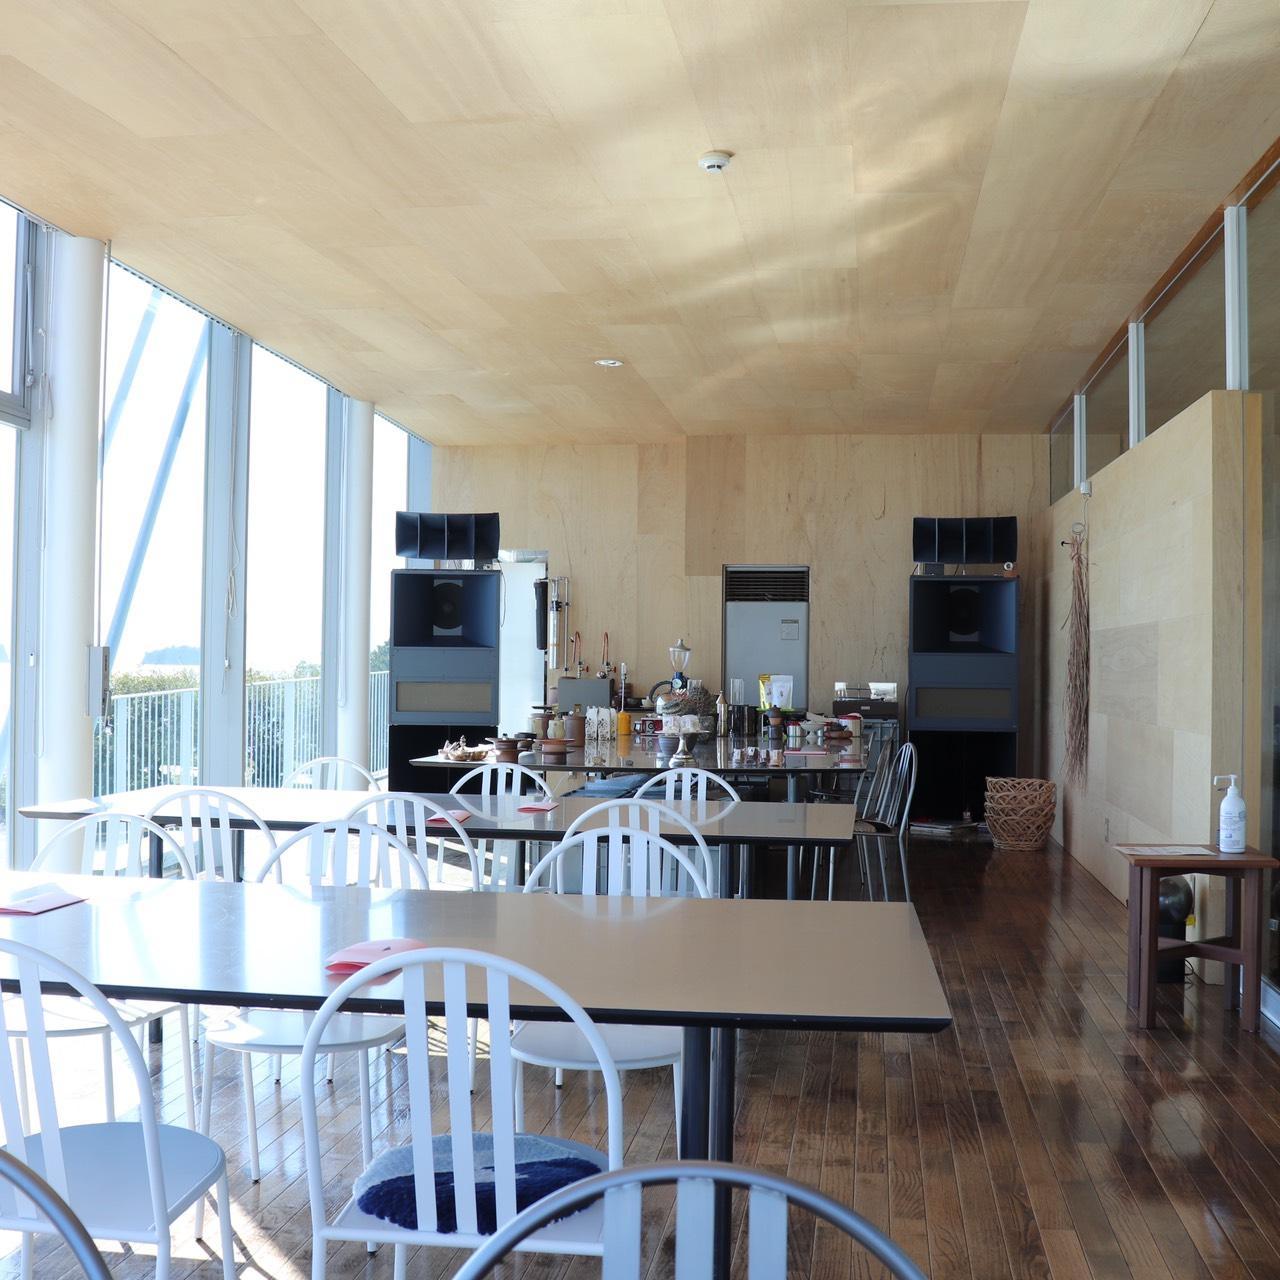 自家焙煎コーヒーの名店が新たな魅力を発信「港の中のキッサテン」-1